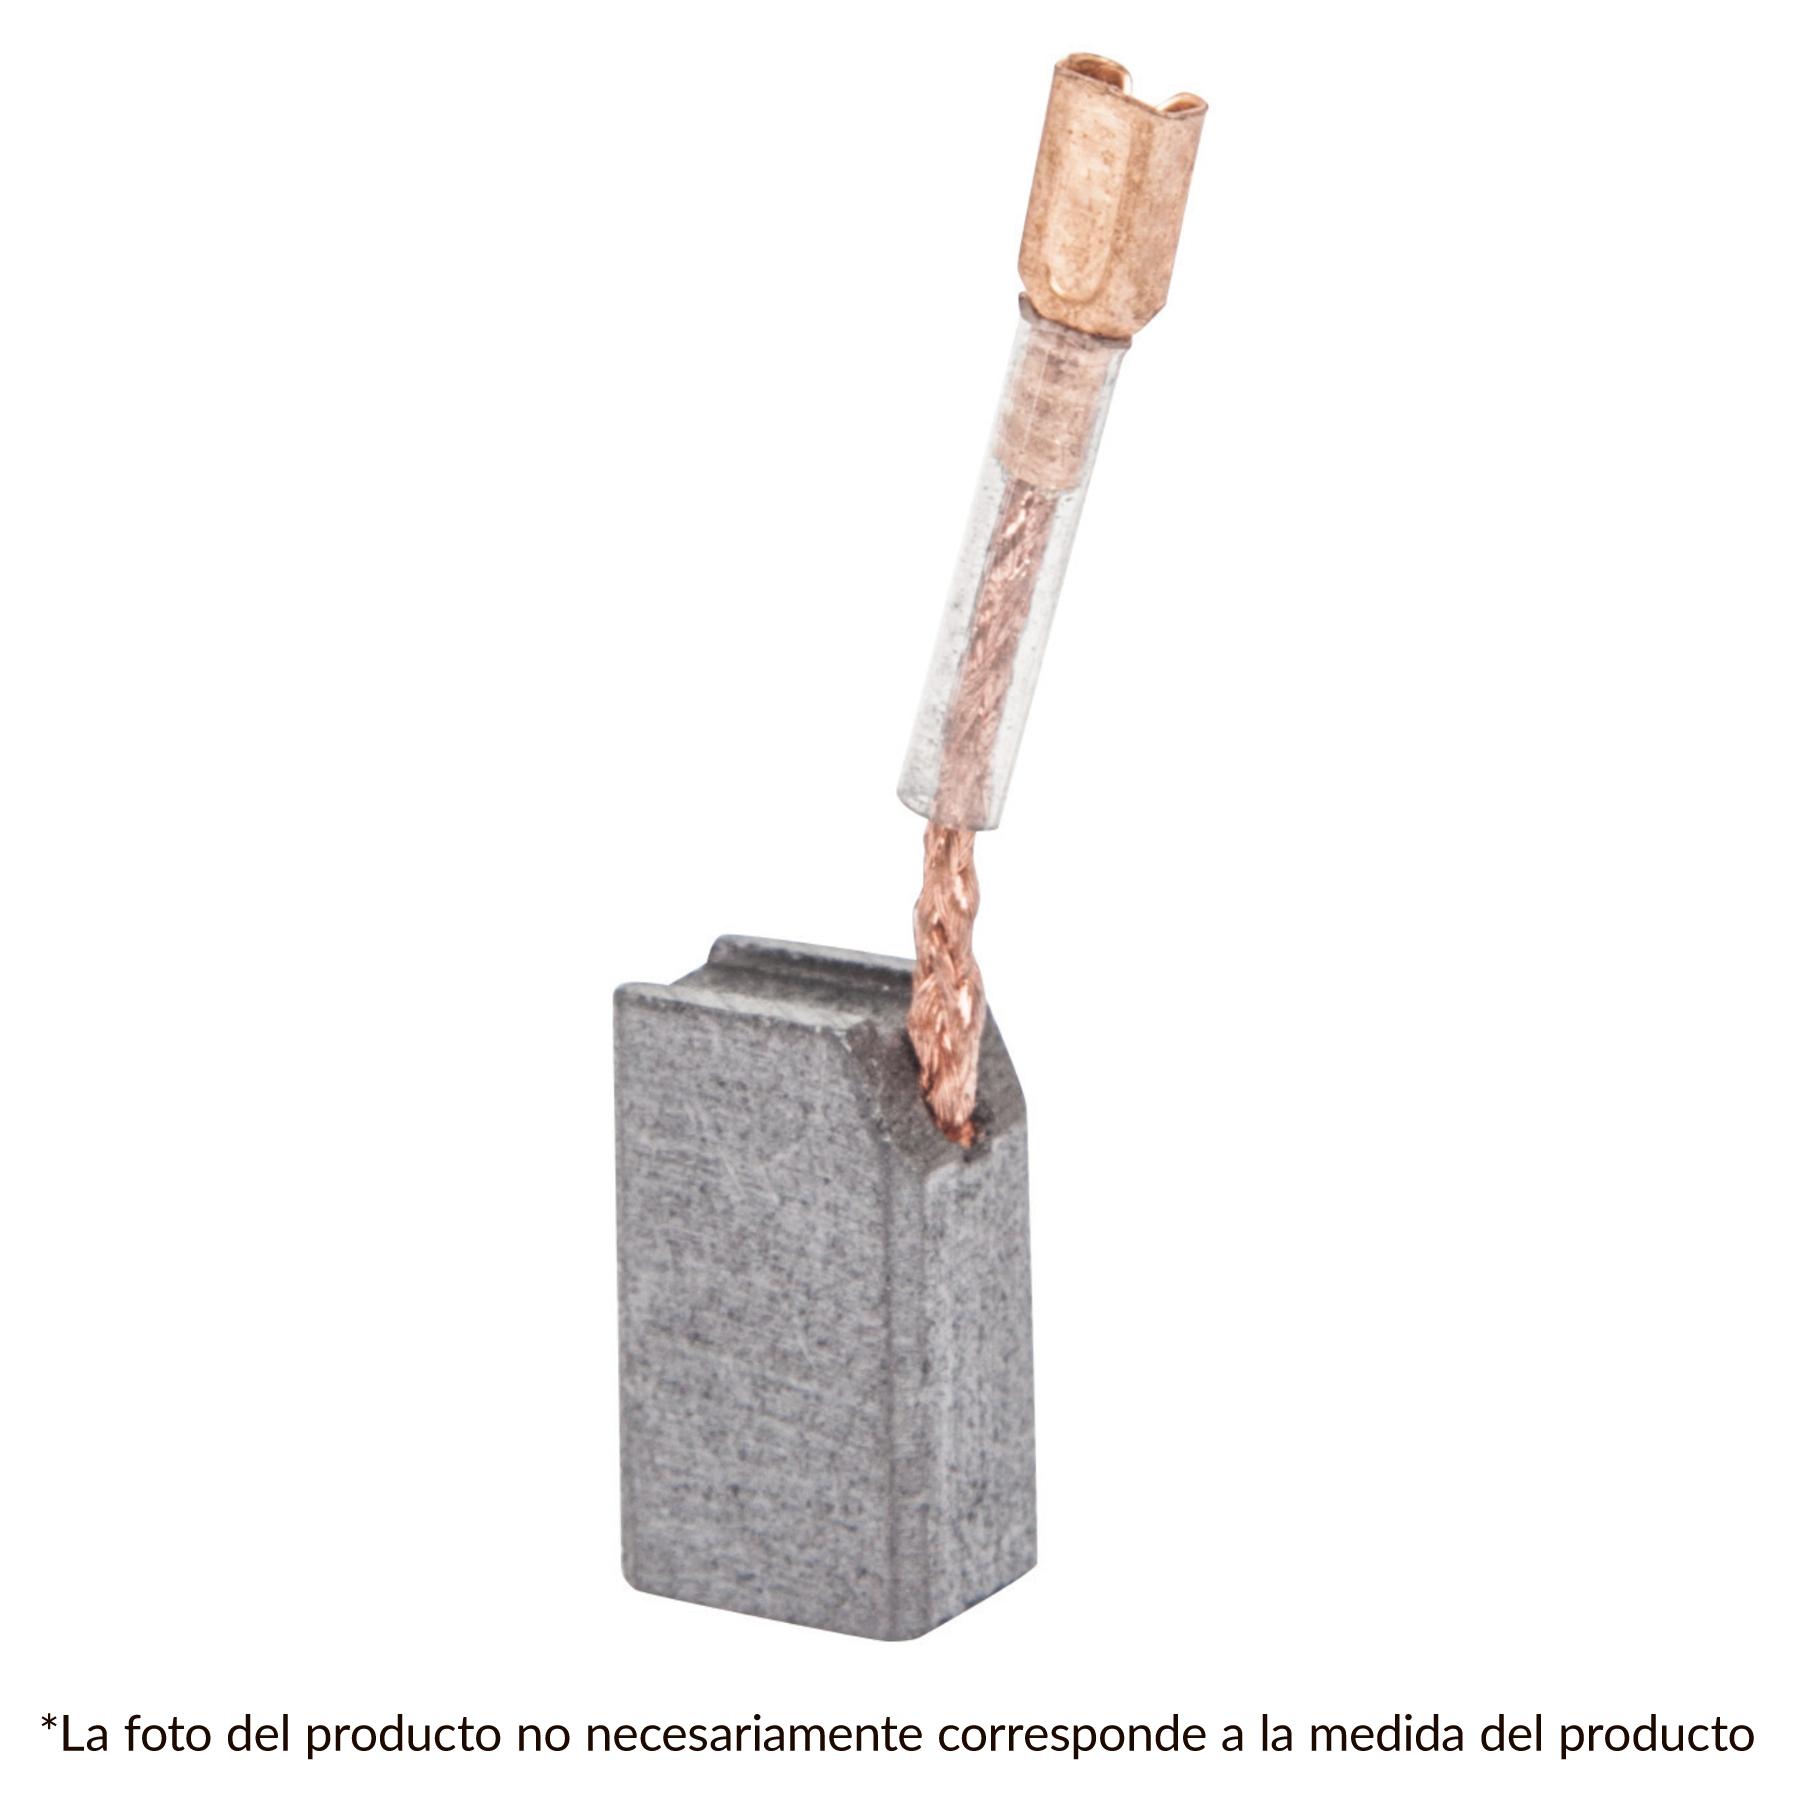 Carbones de repuesto para cepillo, CEPEL-3-1/4NX